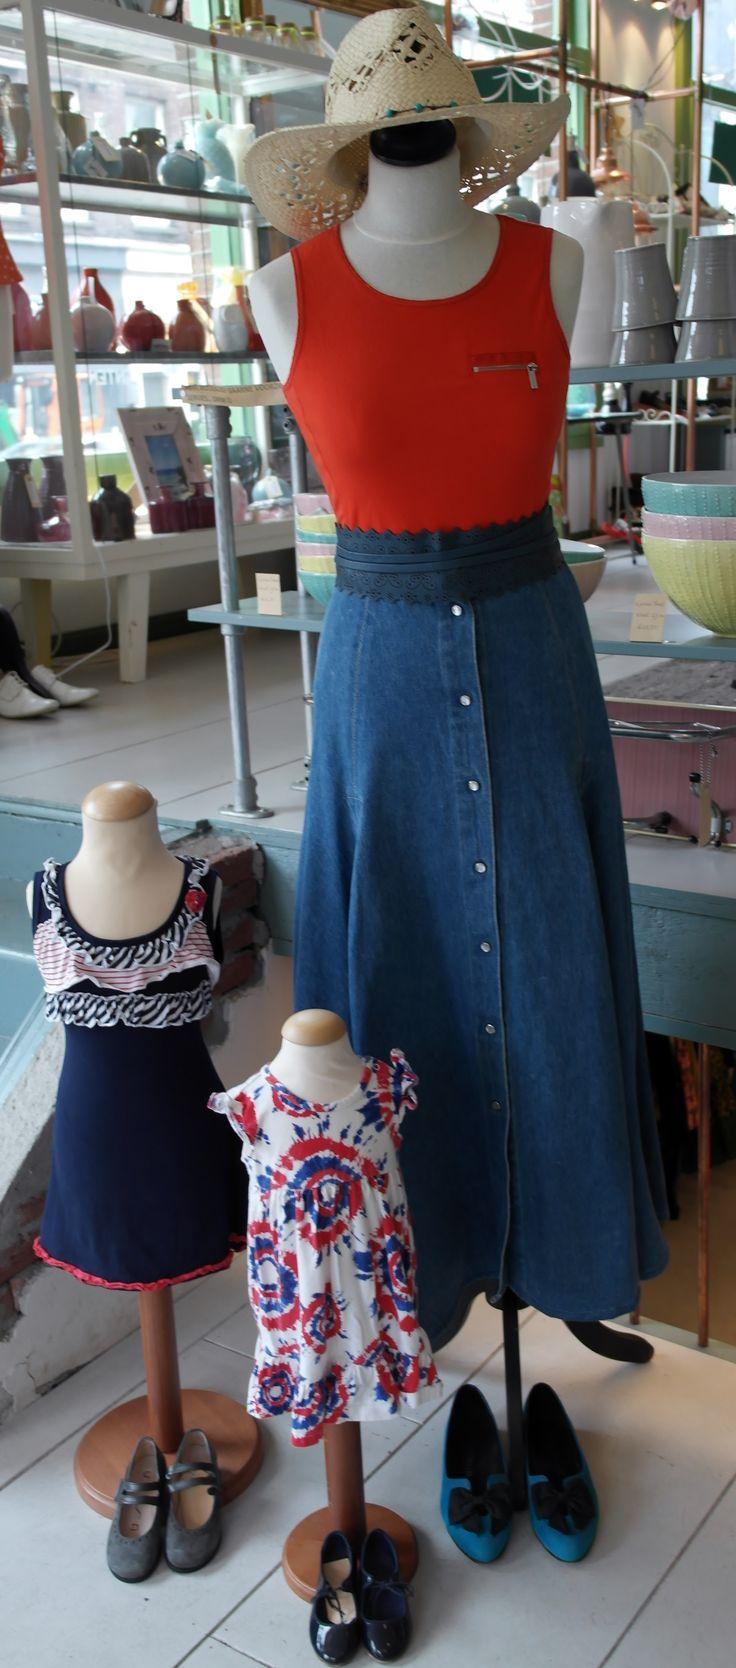 Dresses, skirts, tops, shoes, bags & hats! heart-emoticon Allemaal bij Venten! #venten #amsterdam #sale #uitverkoop #rood #geel #blauw #ceintuurbaanamsterdam